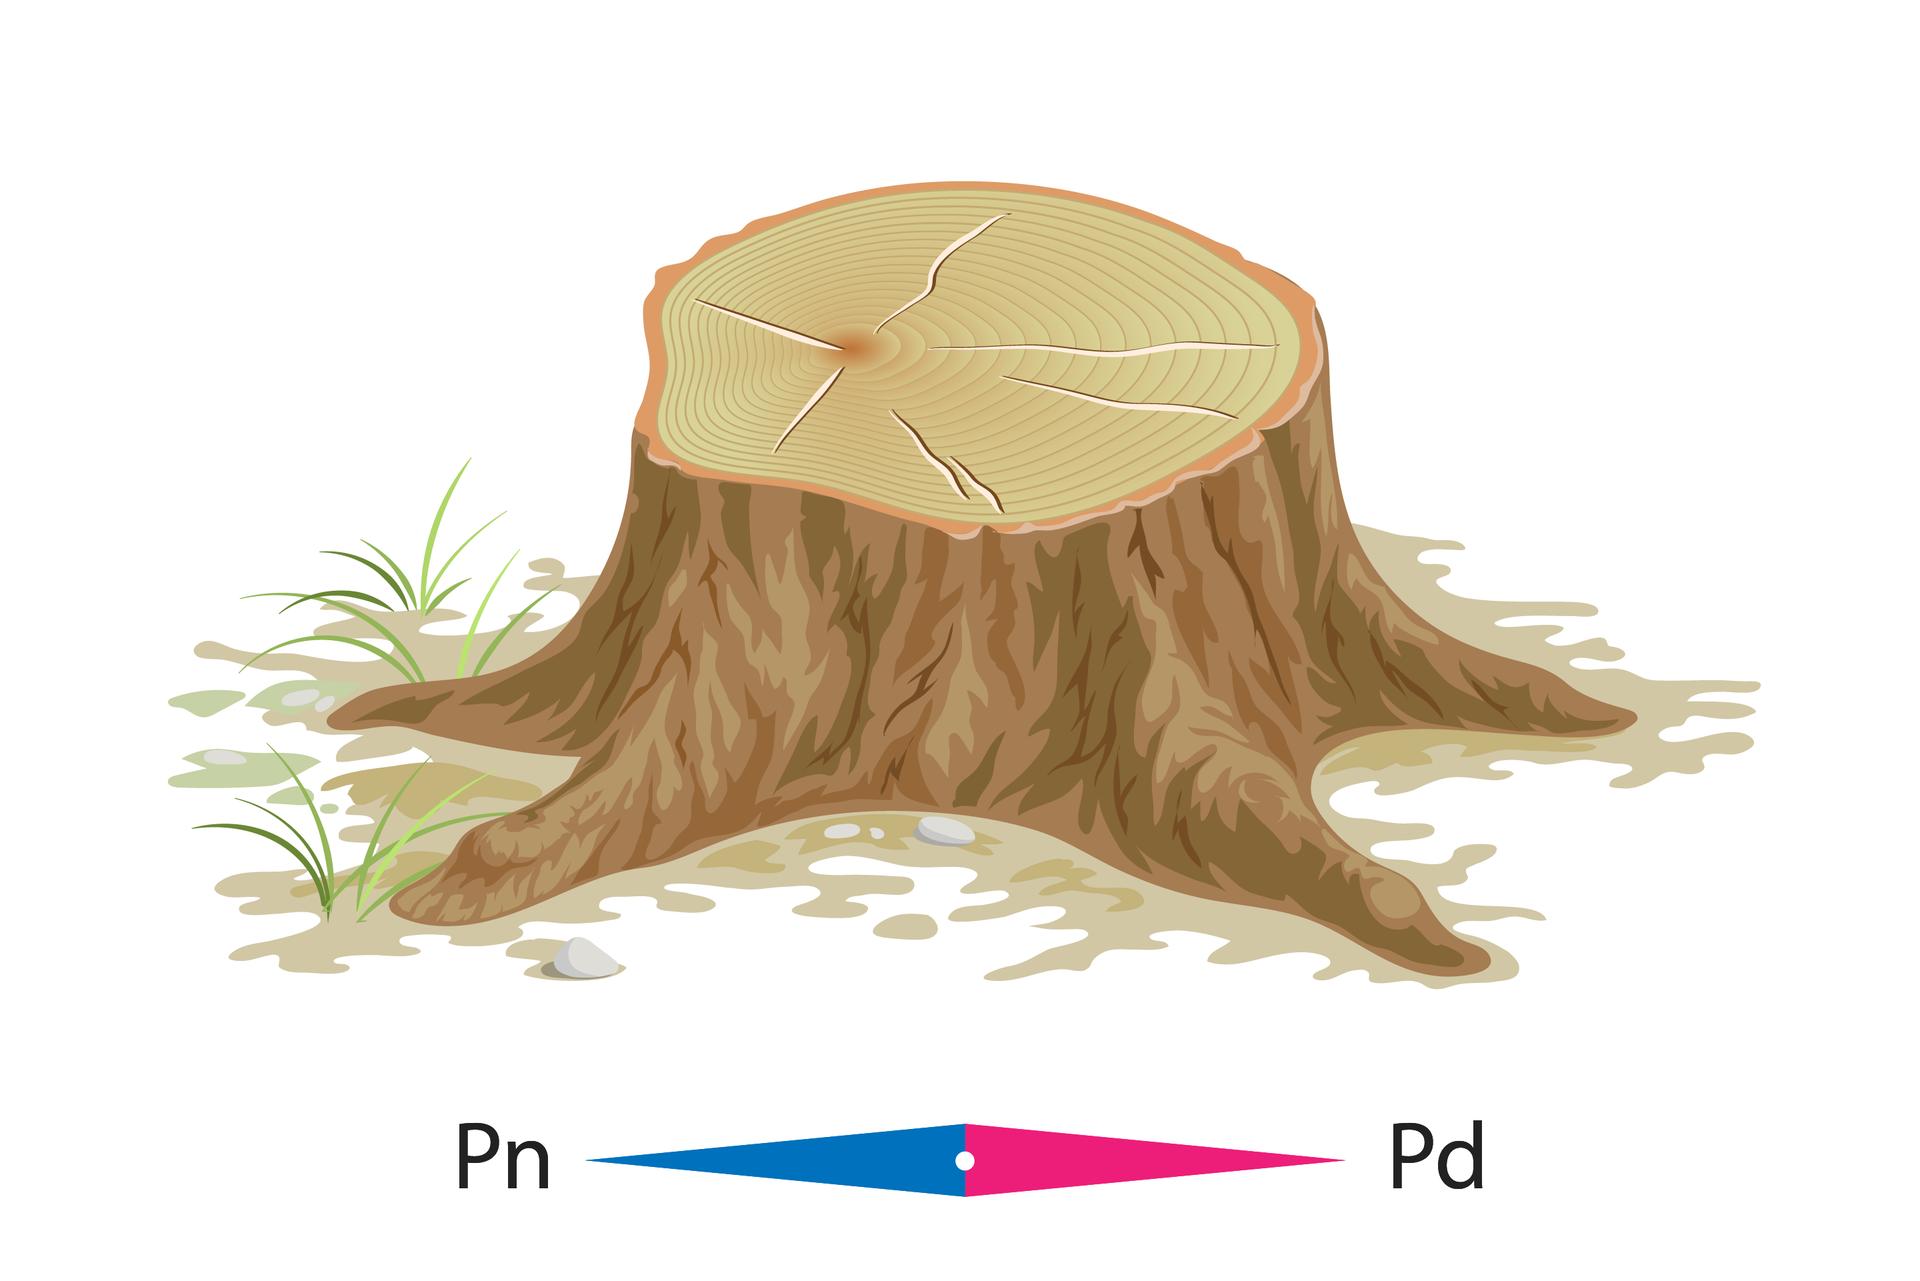 Na ilustracji pokazano pień ściętego drzewa, którego słoje są szersze od strony południowej niż od północy.